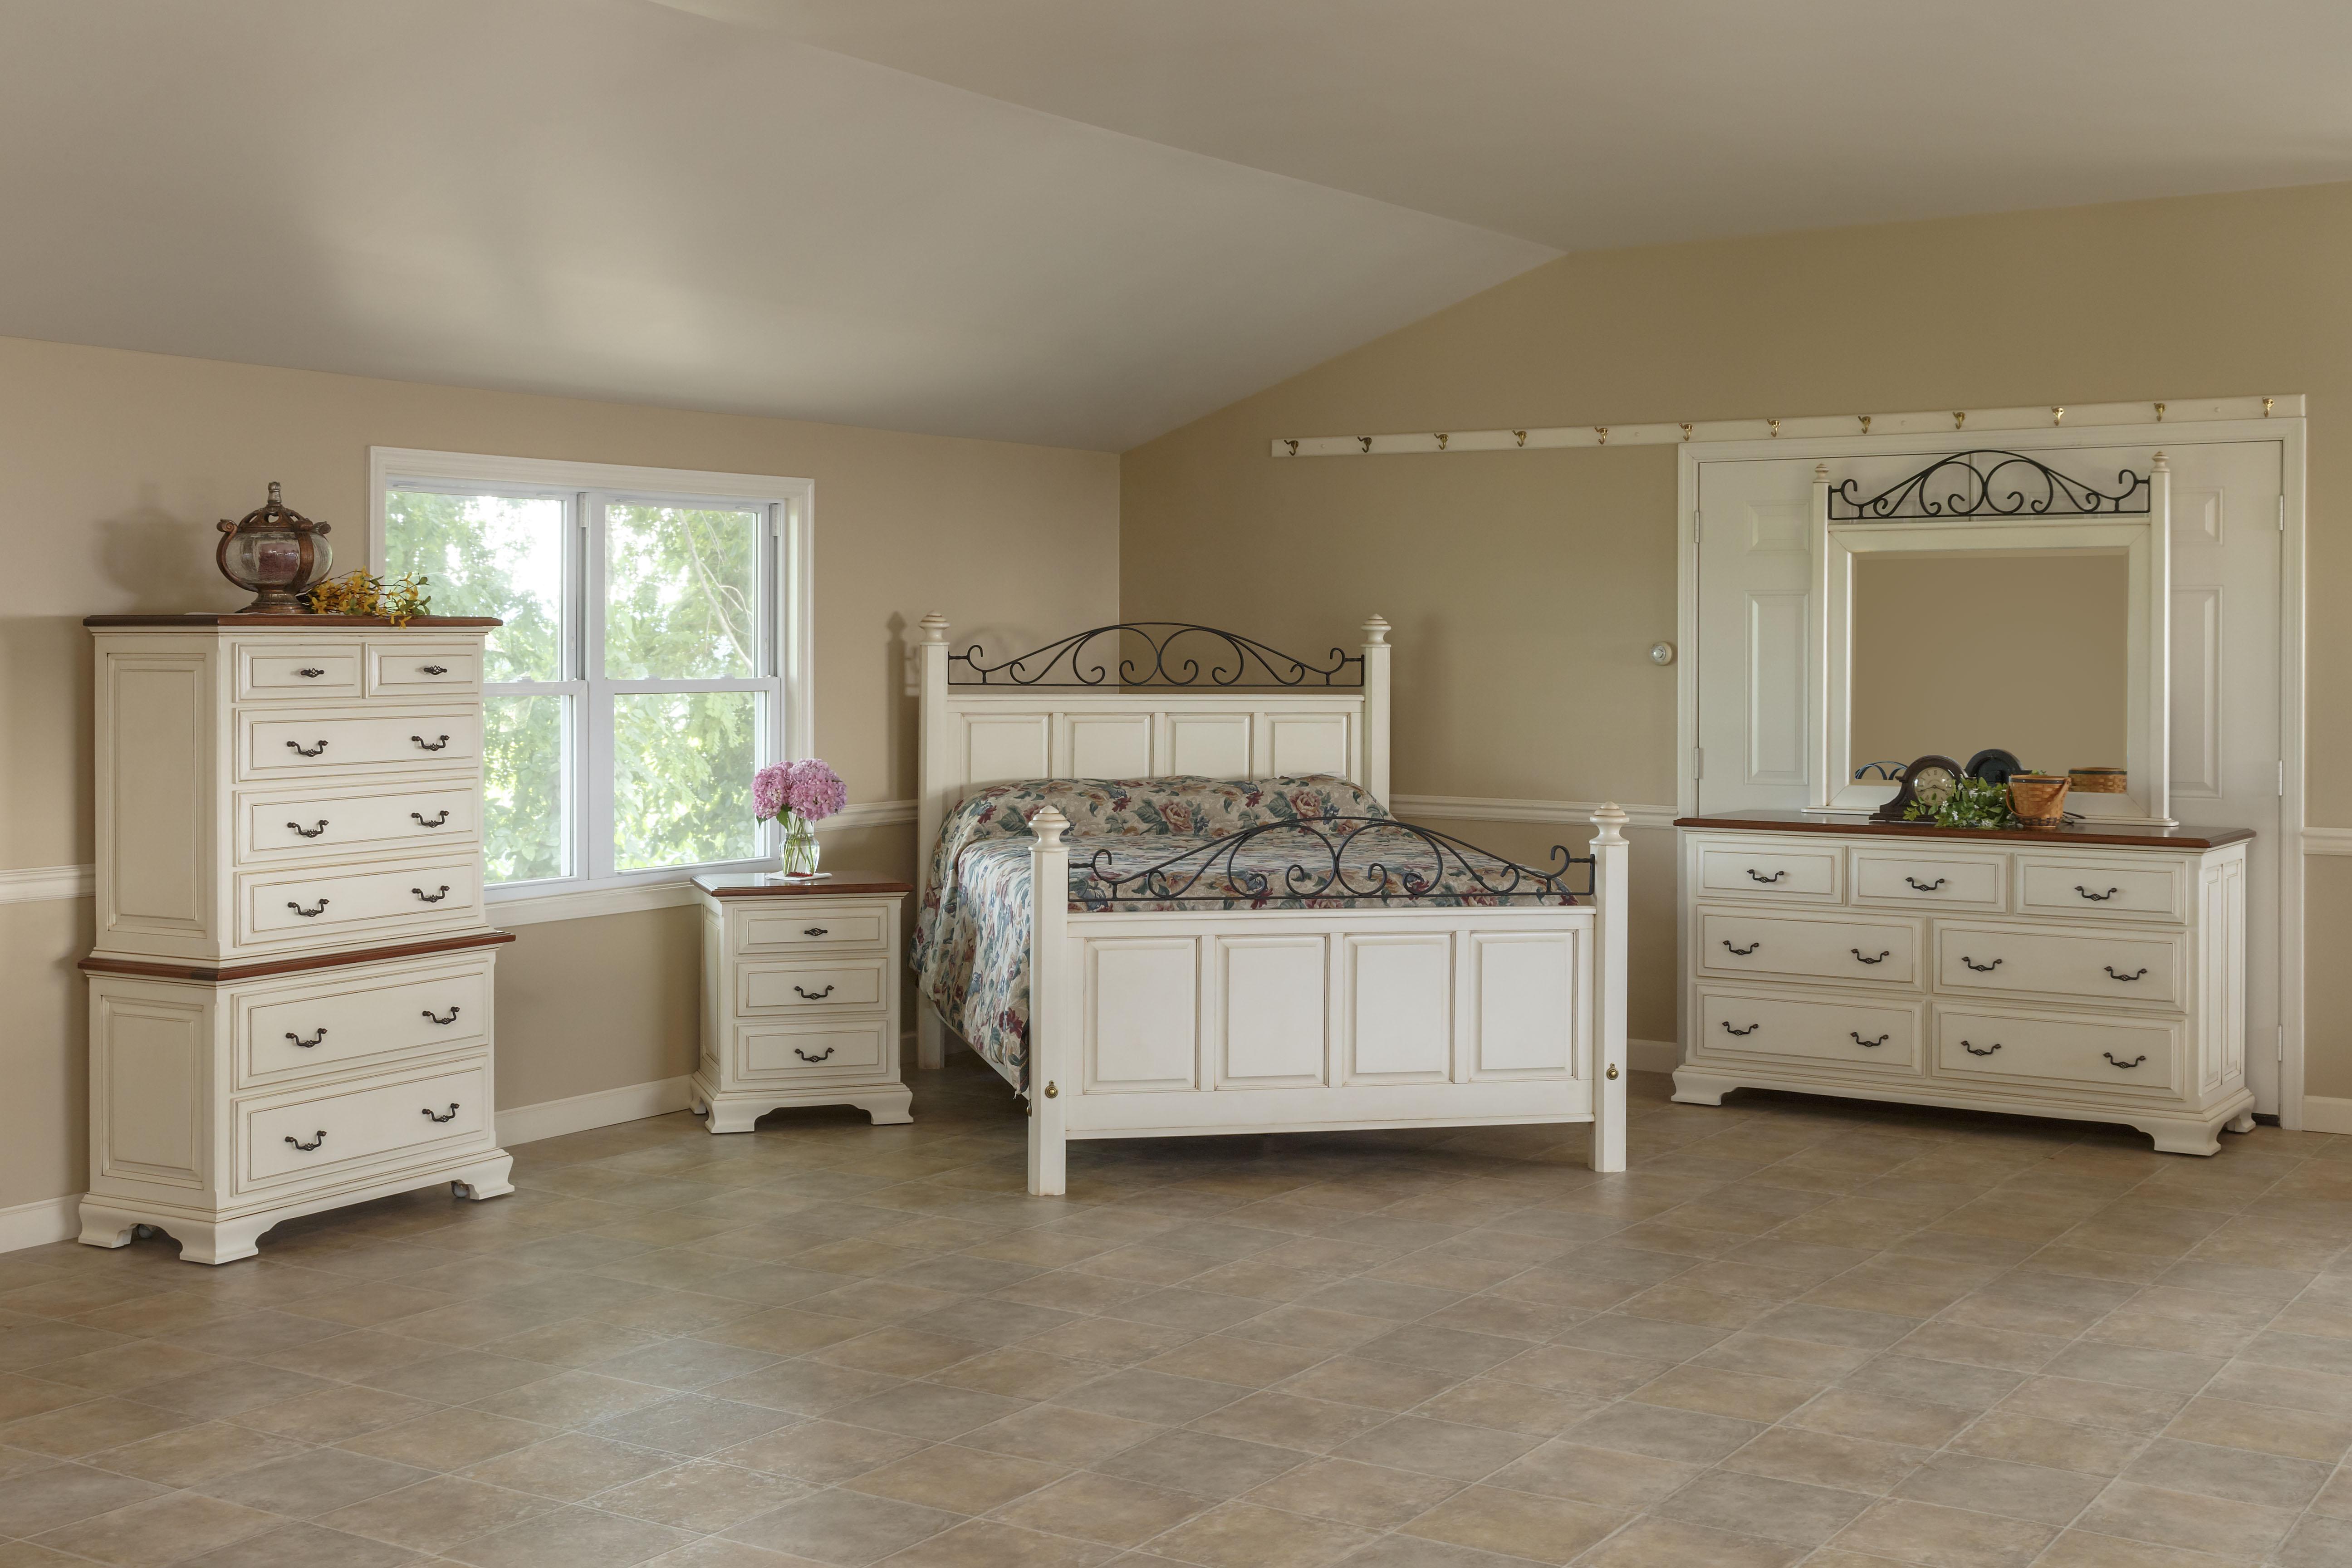 6 Piece Cambridge Bedroom Suite w/Cherry Tops -- Sold around 12 Noon